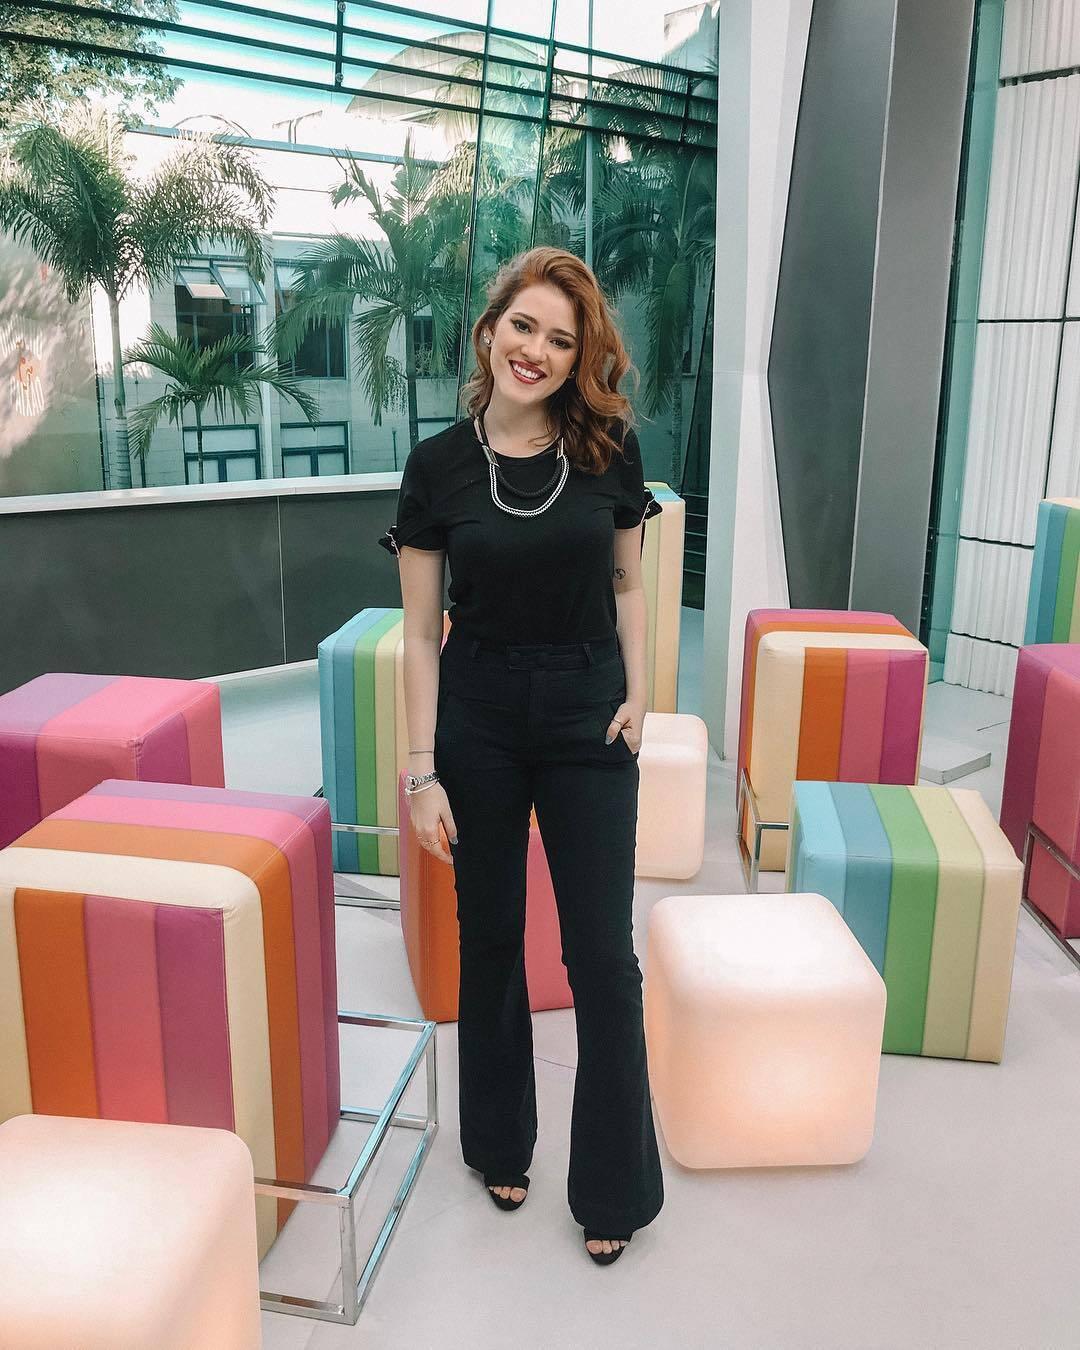 """Ana Clara ganhou destaque no """"Big Brother Brasil"""" 2018, conquistou um espaço como repórter no """"Vídeo Show"""" e também marca presença no mercado publicitário. Foto: Reprodução/Instagram"""